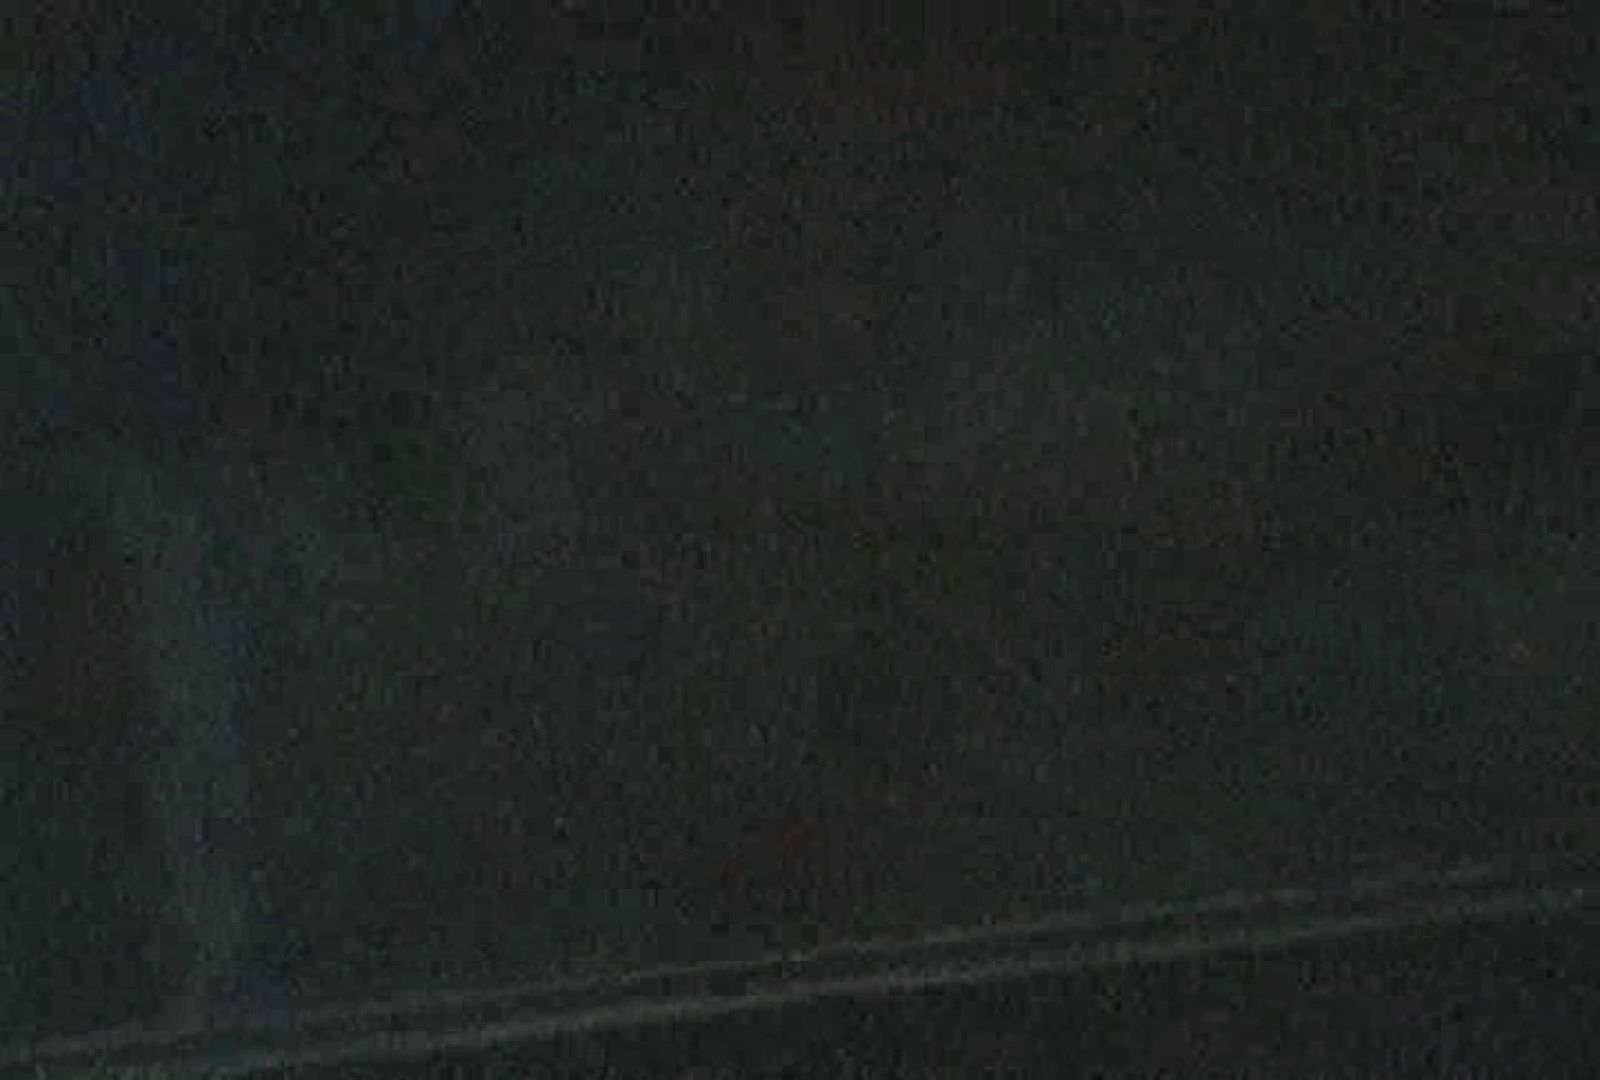 充血監督の深夜の運動会Vol.94 OLの実態 | カップル  71pic 28